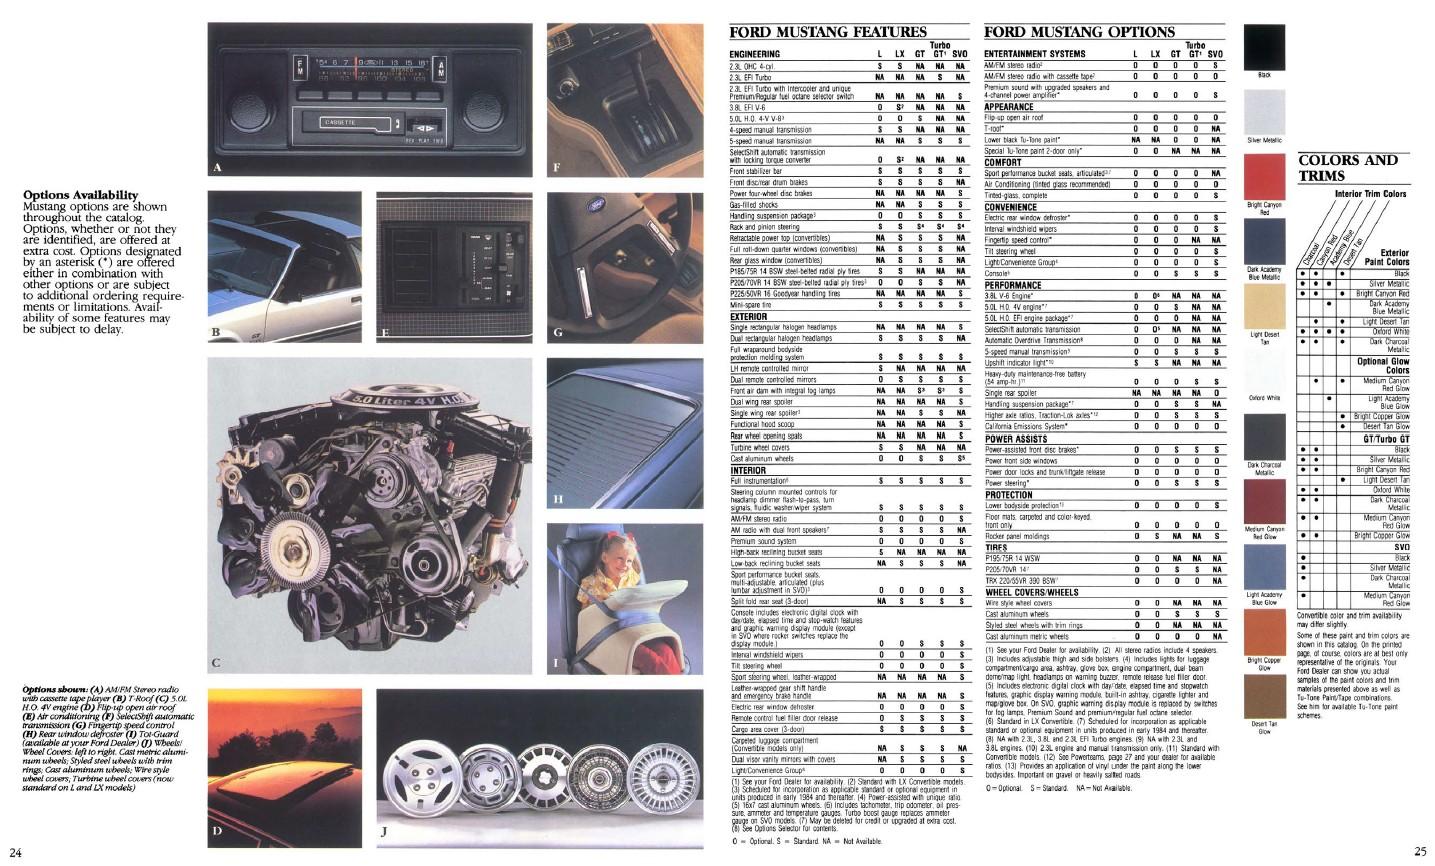 1984-ford-mustang-brochure-14.jpg